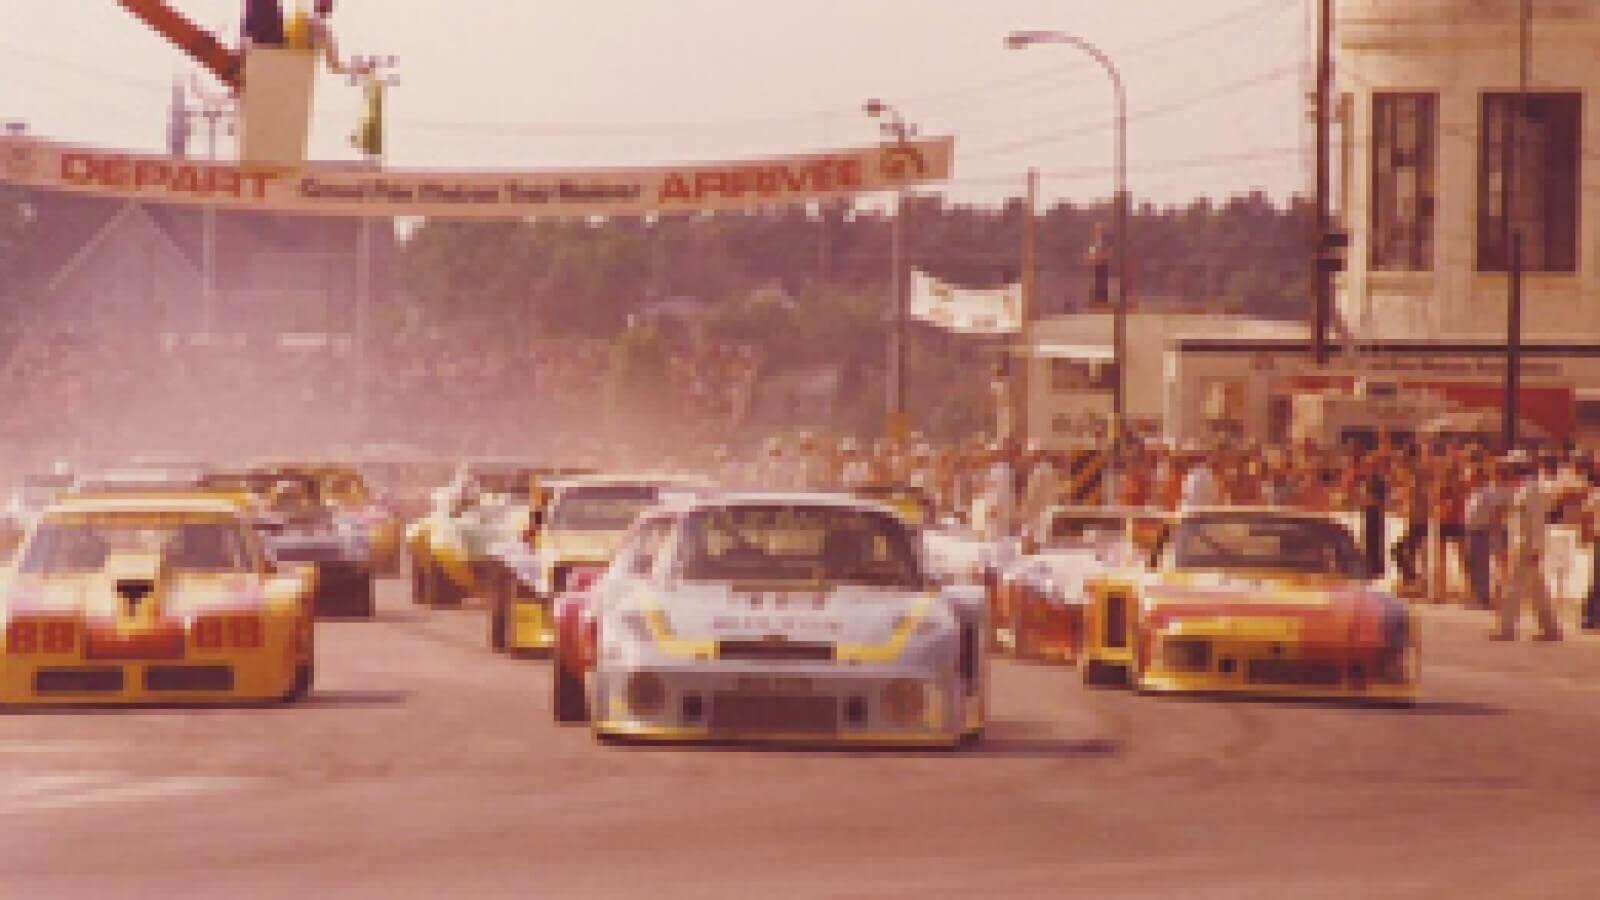 Le GP3R présente des courses automobiles uniques depuis 1967. Source: https://gp3r.com/